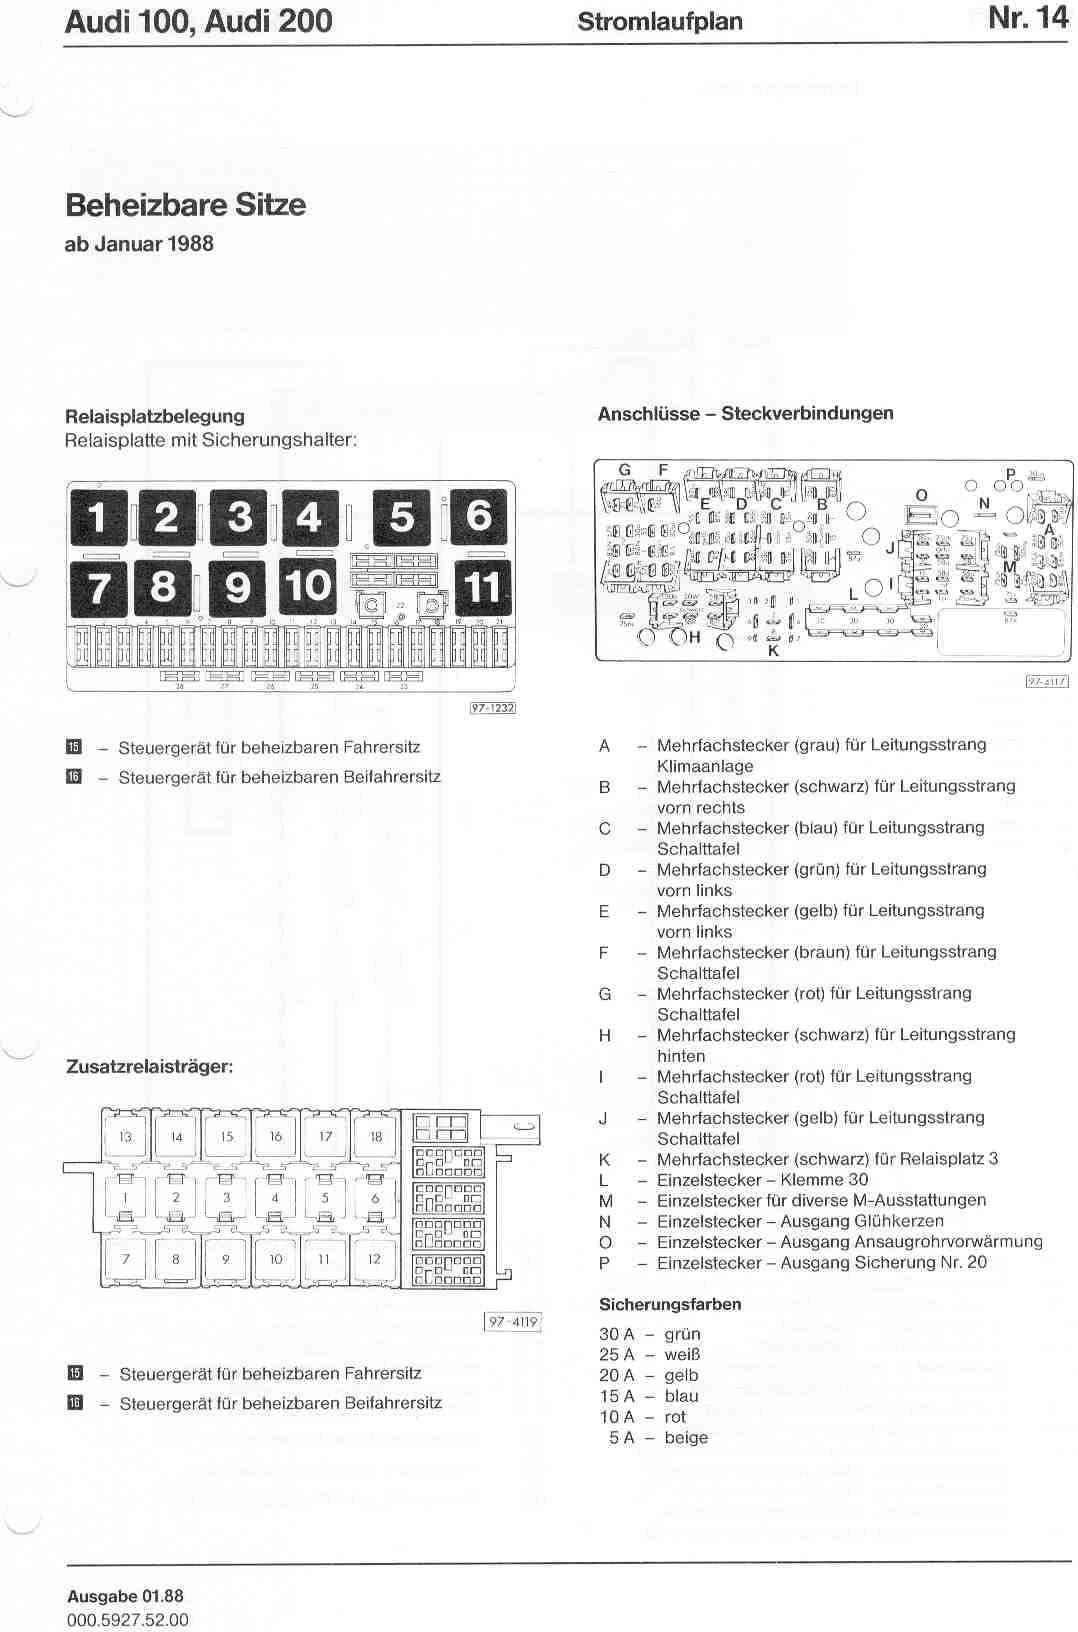 audi 100 c4 wiring diagram 2002 subaru impreza stereo 100/200 factory diagrams